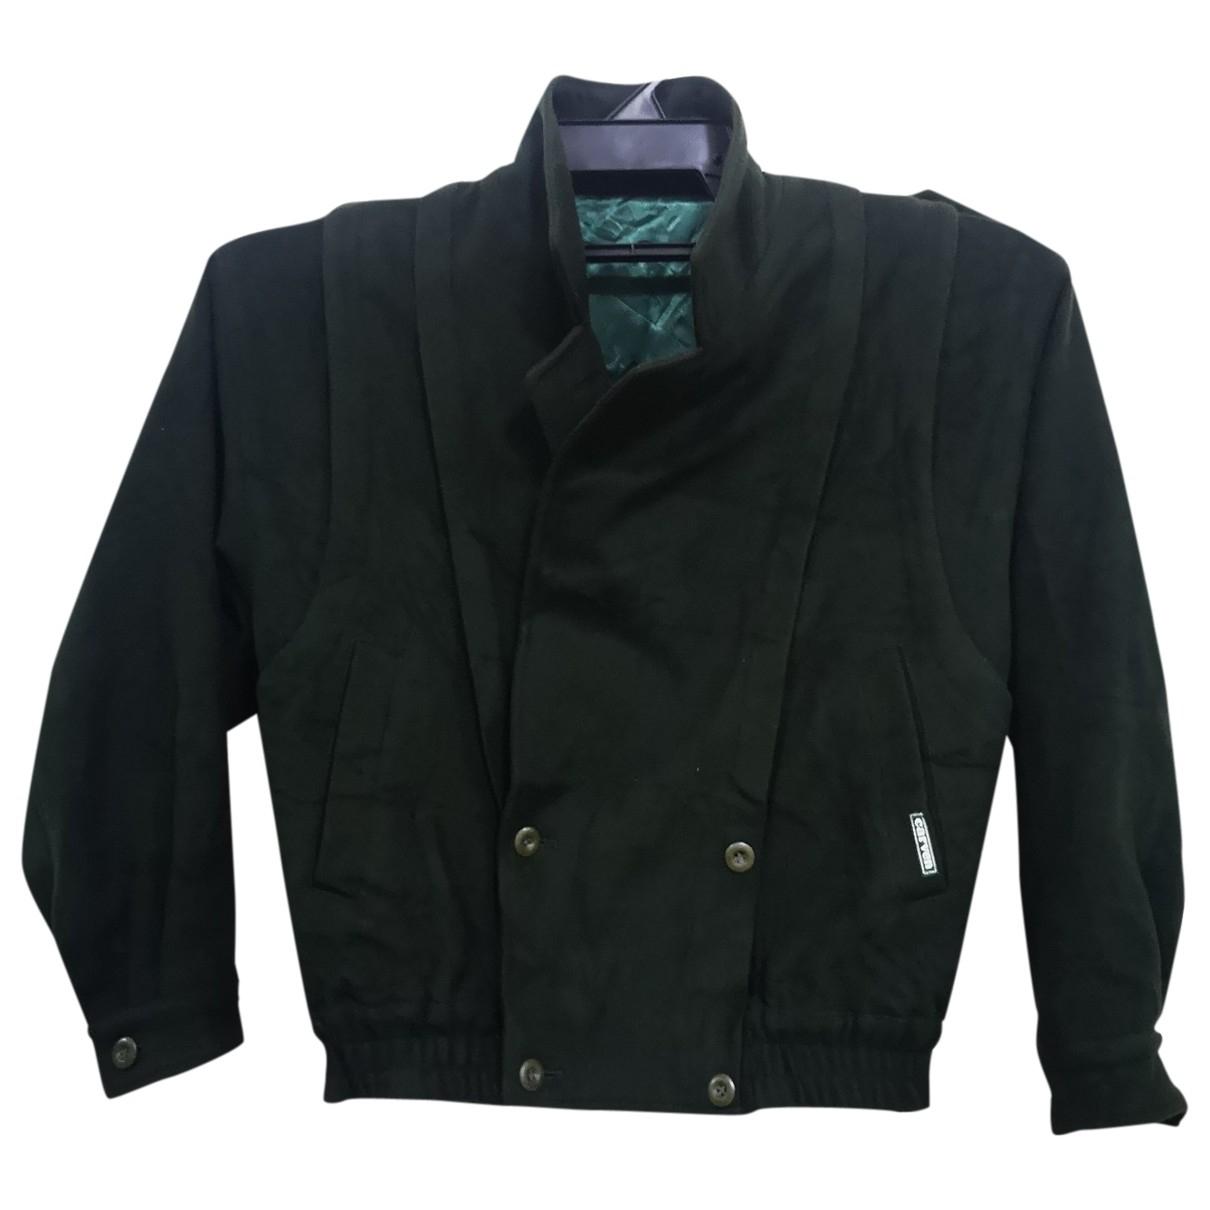 Carven \N Jacke in  Gruen Wolle